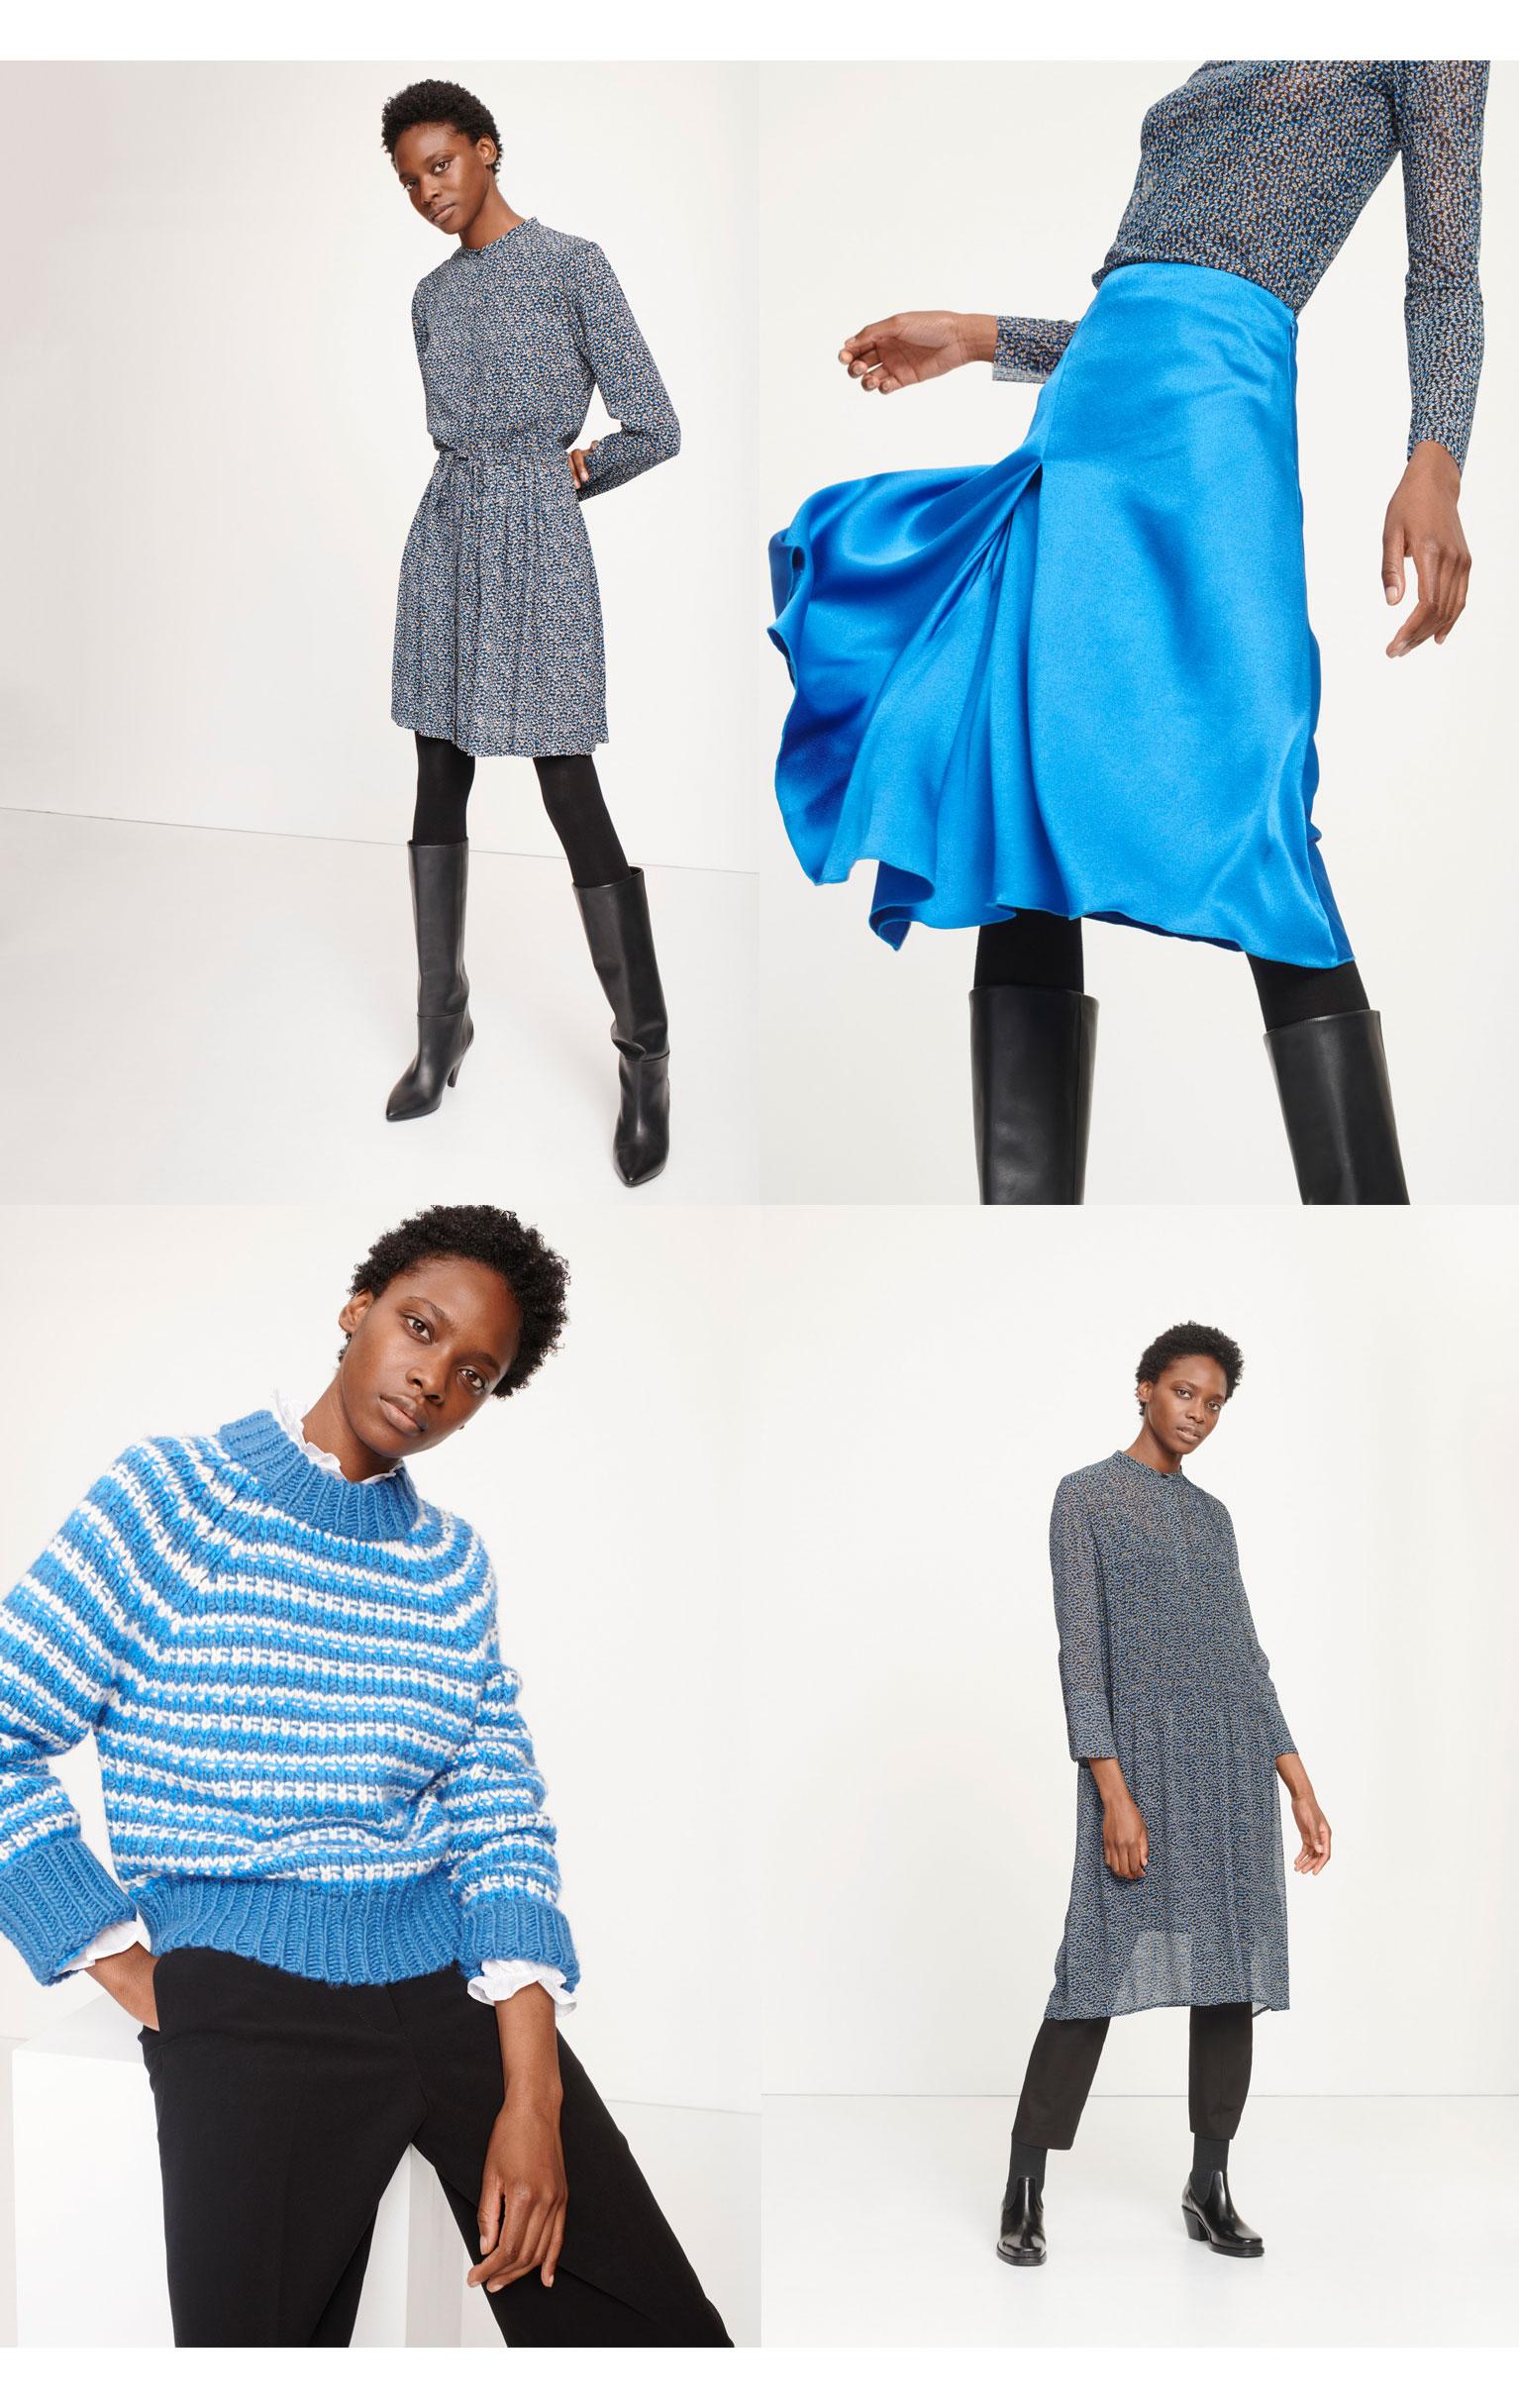 M Women's fashion